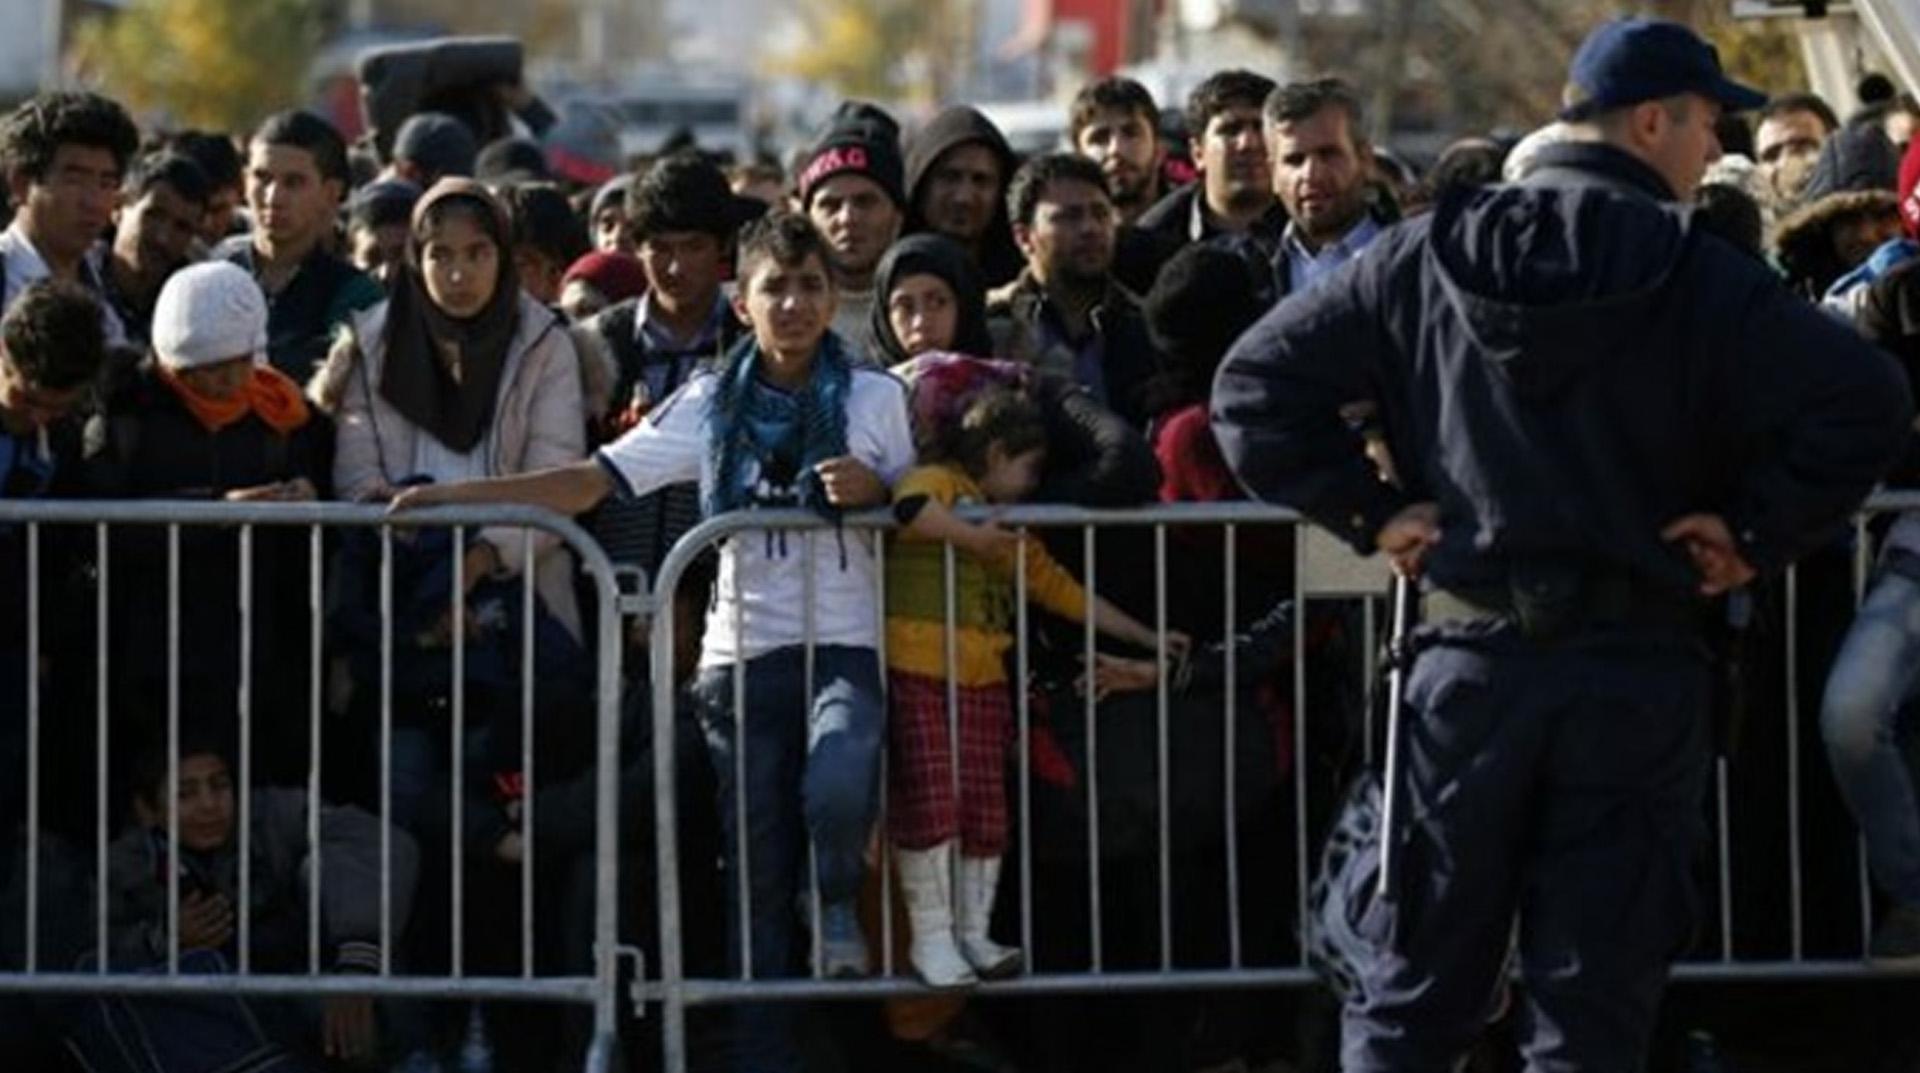 ABD'de yasa dışı göçmen aileler için süresiz gözaltı kararı